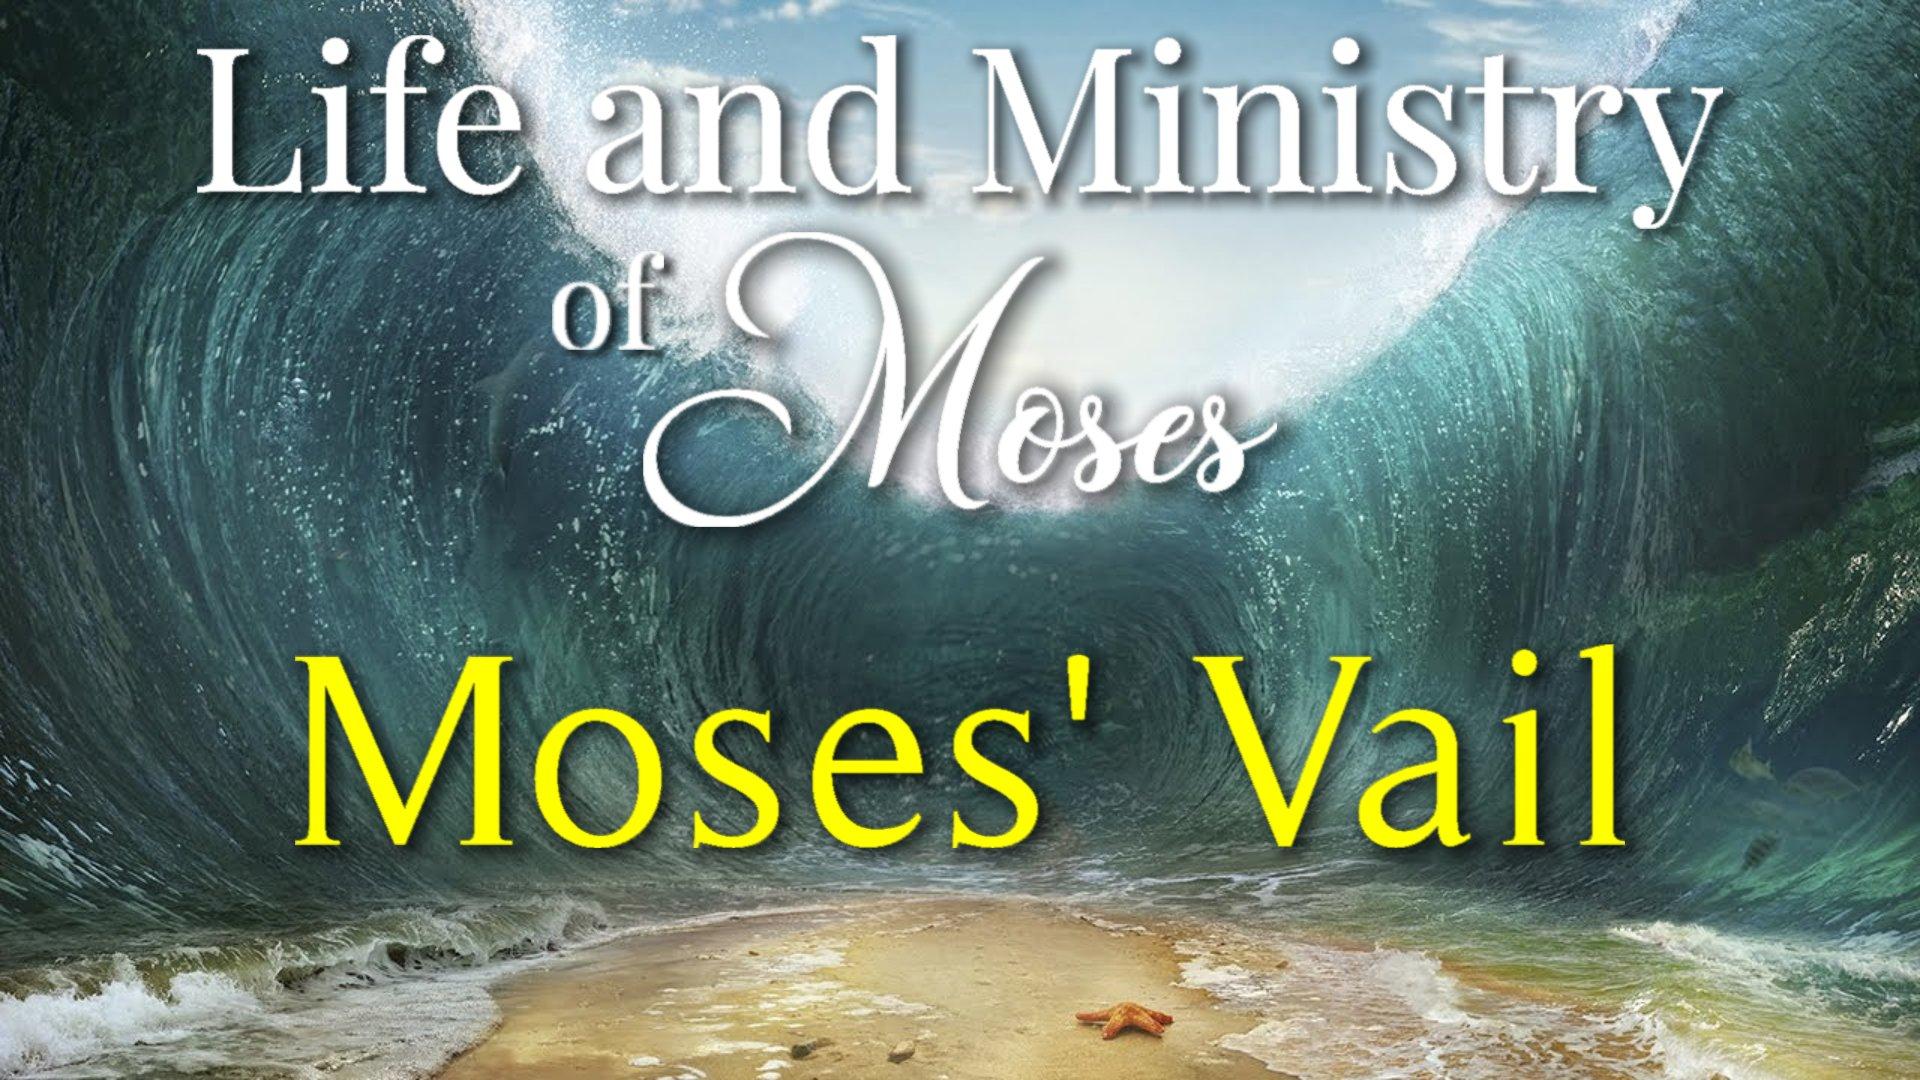 29 Moses' Vail